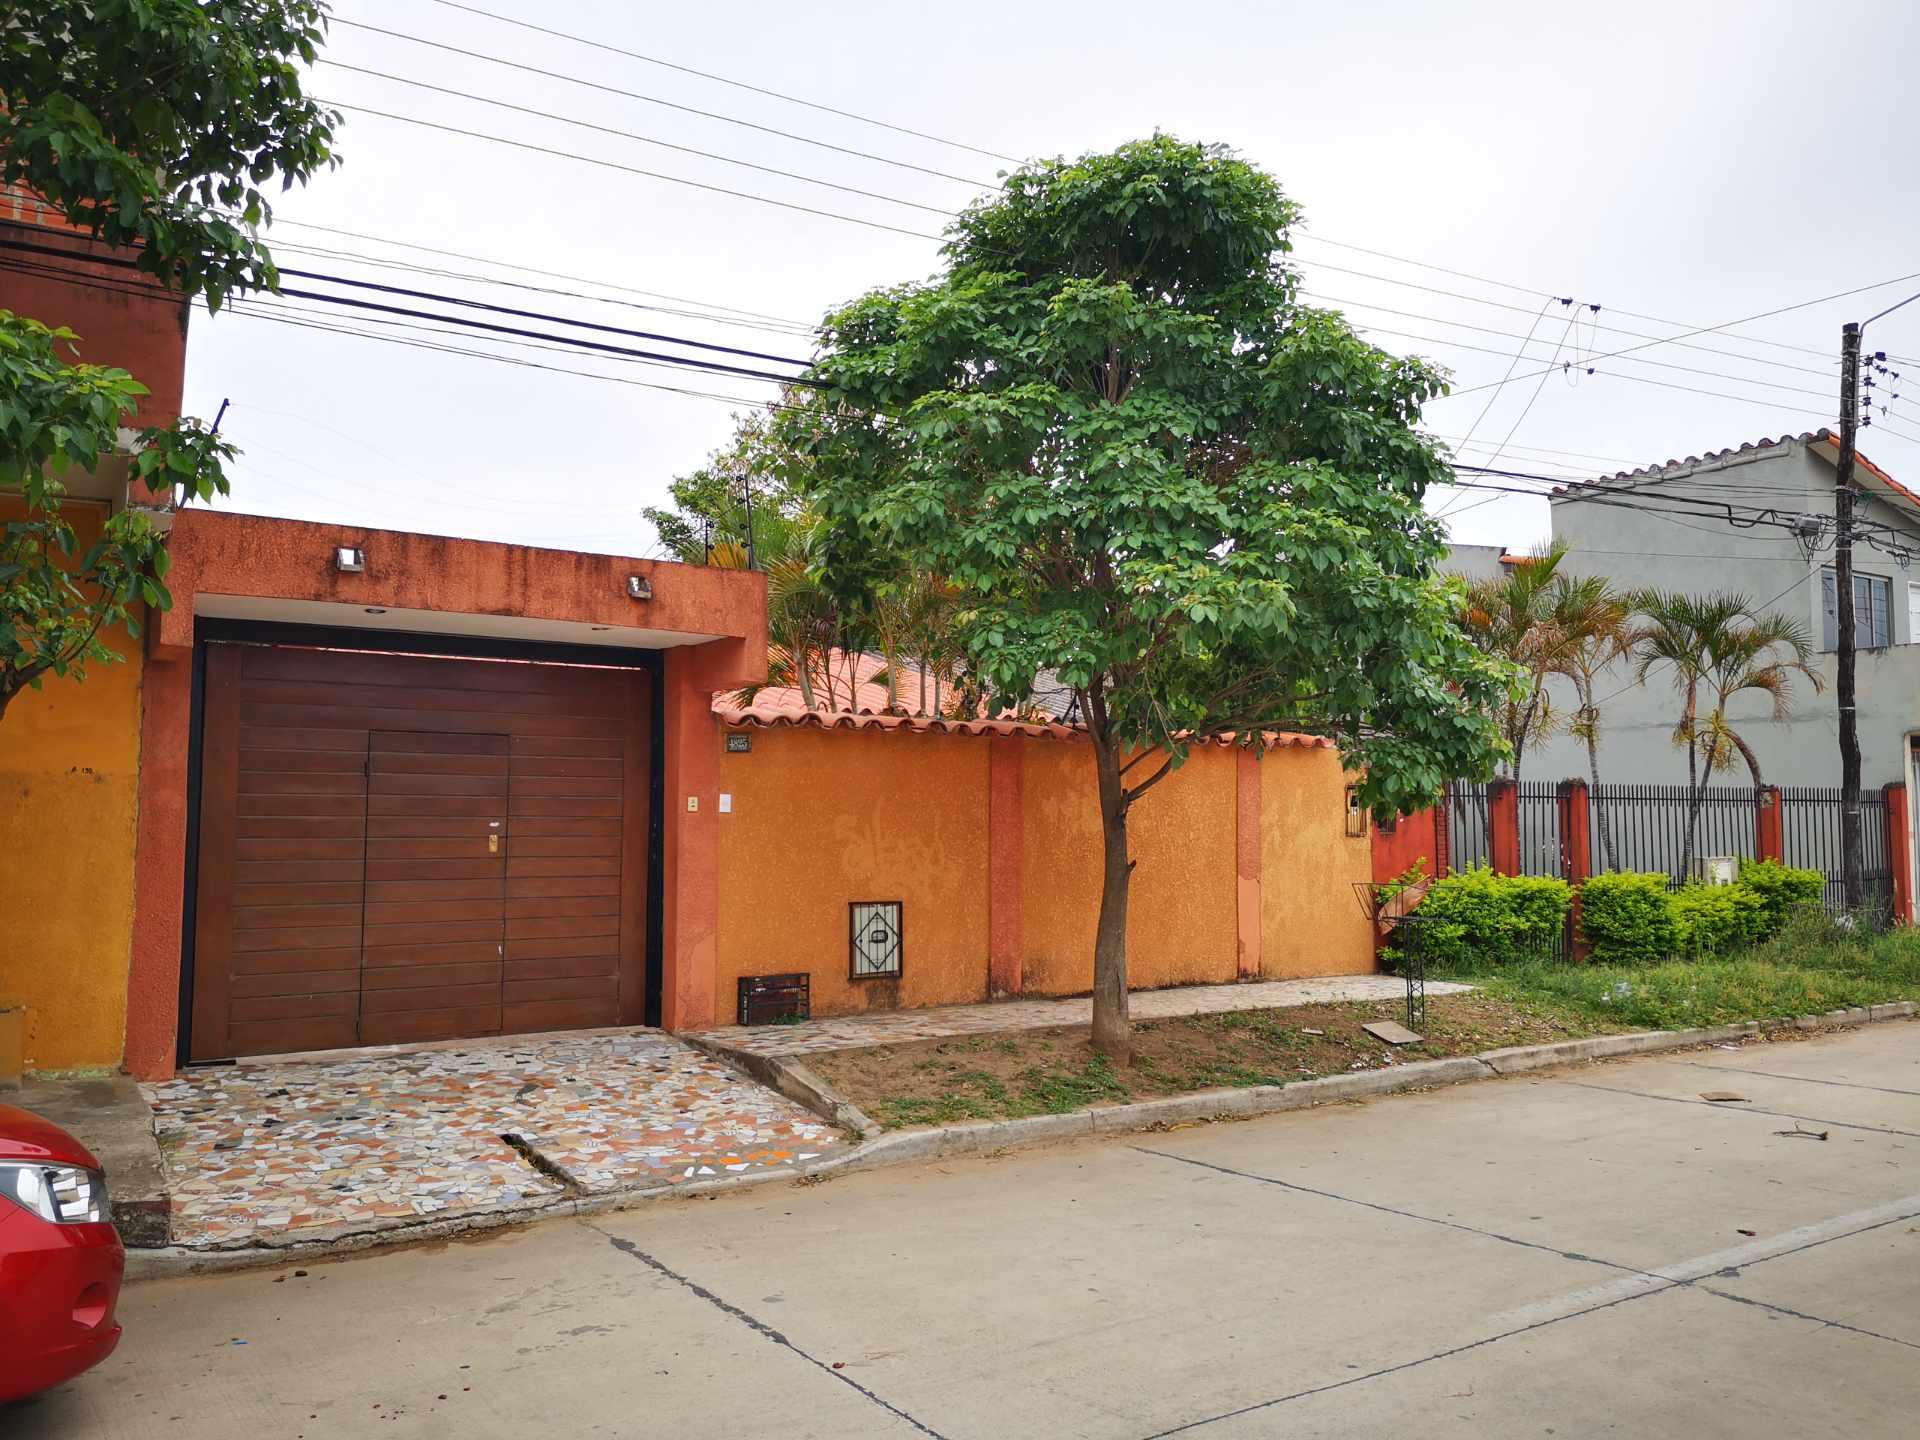 Casa en Alquiler Entre 4to y 5to anilo, entre Radial 10 y Av Sudamericana Calle Asoka Foto 1